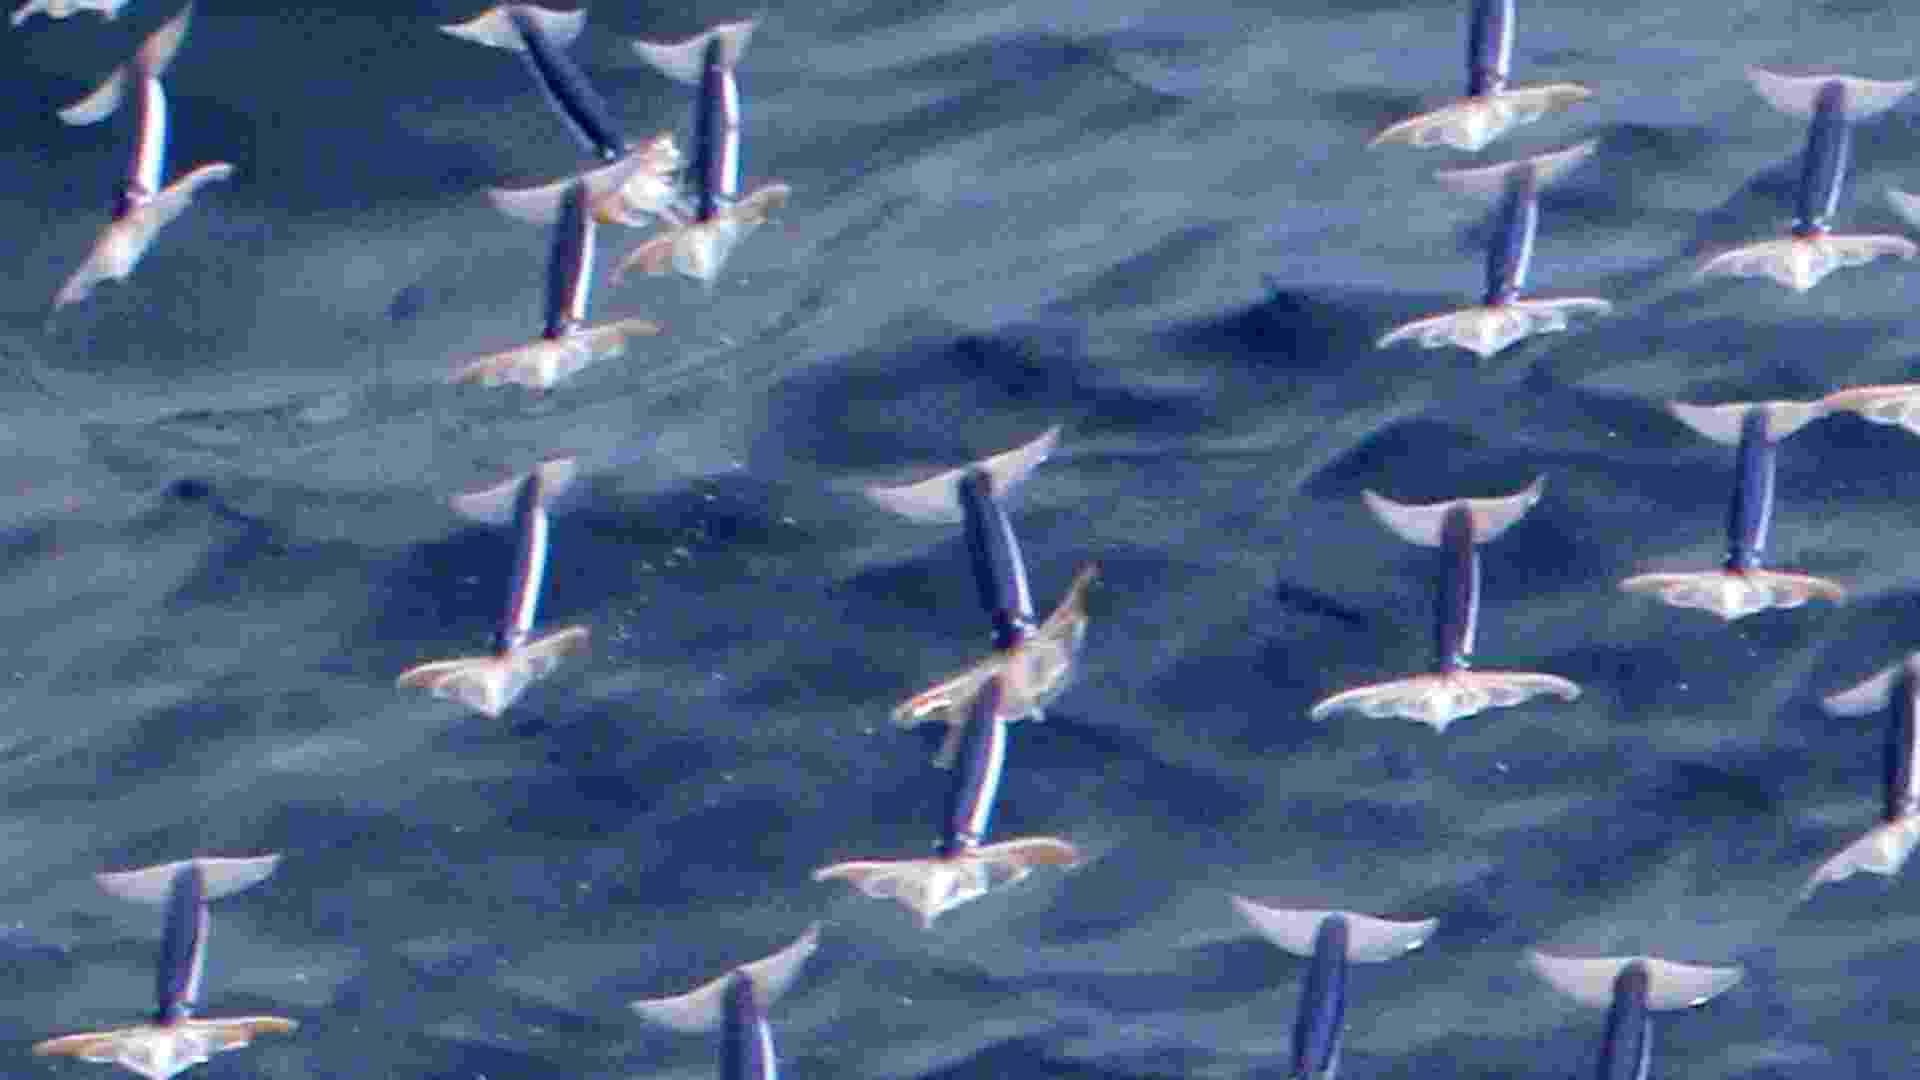 8.fev.2013 - Estudo da Universidade de Hokkaido, no Japão, comprovou a existência de lulas voadoras ao se deparar com cem animais dessa espécie no oceano Pacífico, a 600 quilômetros de Tóquio, em 2011. As lulas se lançam para fora do mar usando poderosos jatos d'água, abrem as nadadeiras e 'voam' 30 metros em três segundos. Depois, elas recolhem as nadadeiras para amortecer o choque e entram na água de forma aerodinâmica - Kouta Muramatsu/Hokkaido University/AFP